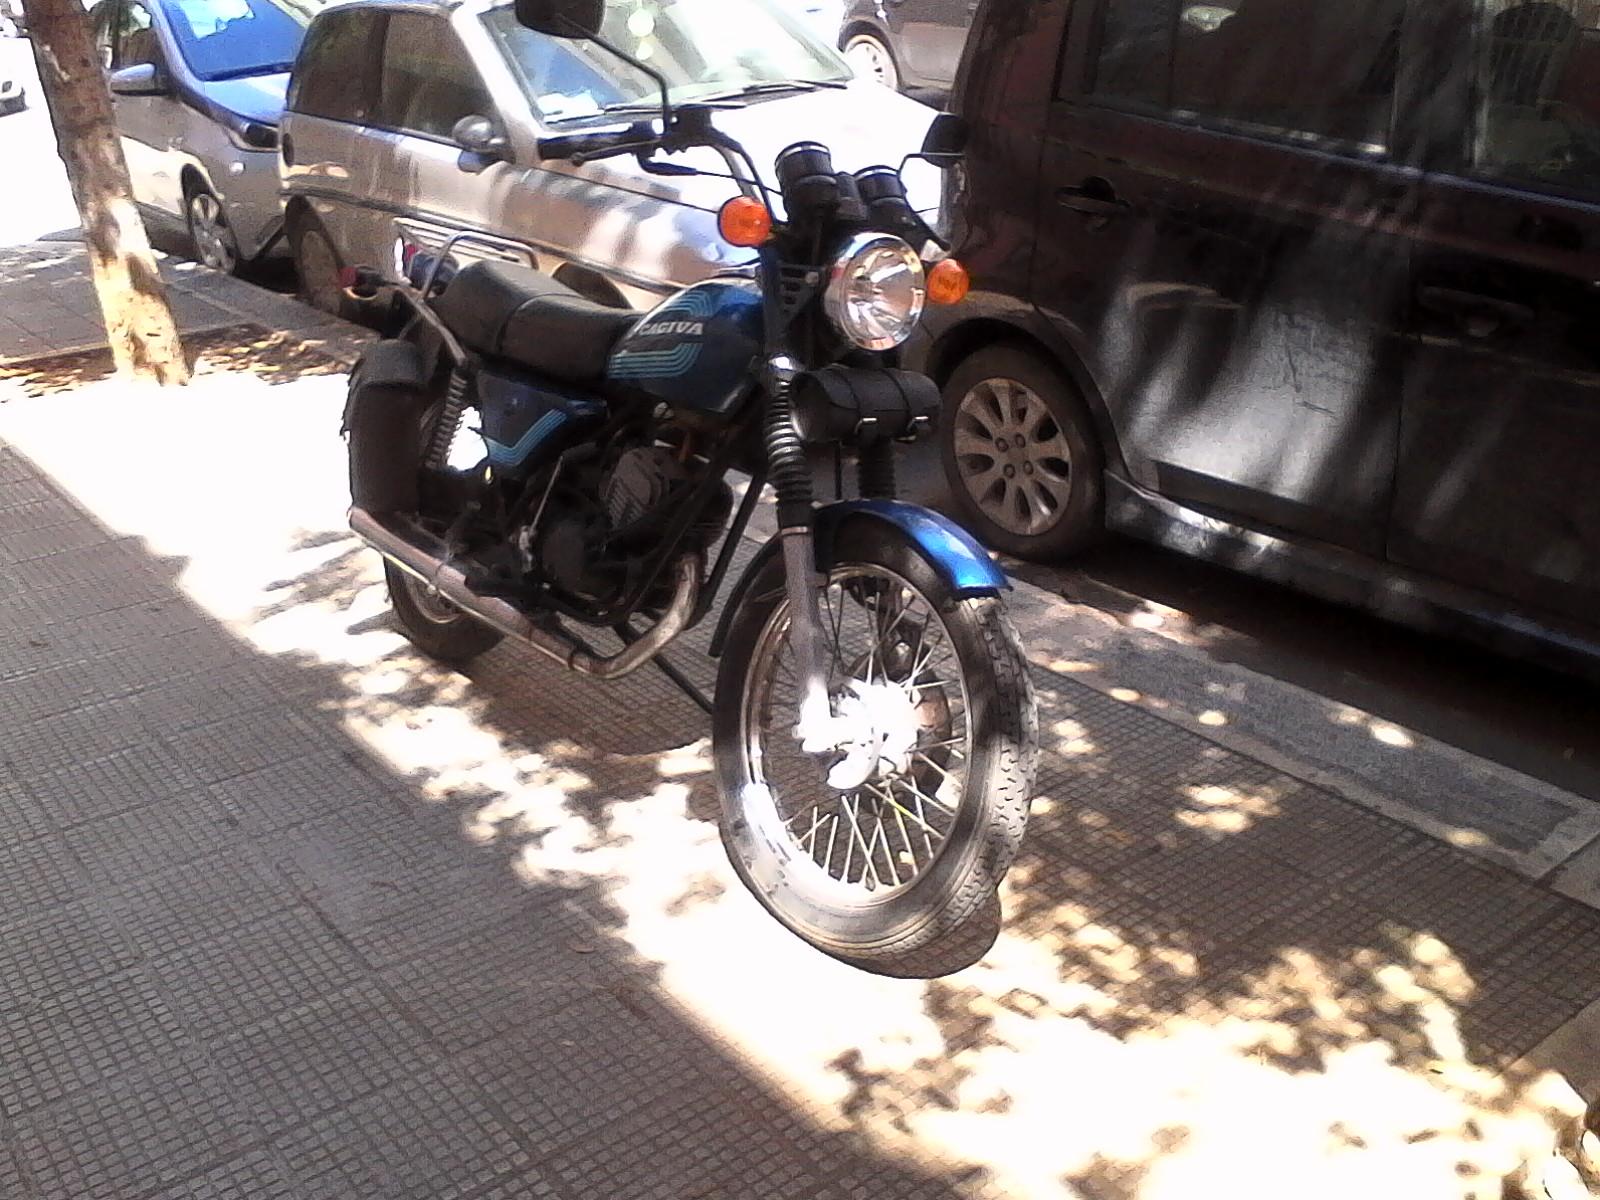 Foto di moto d'epoca o rare avvistate per strada - Pagina 17 02511